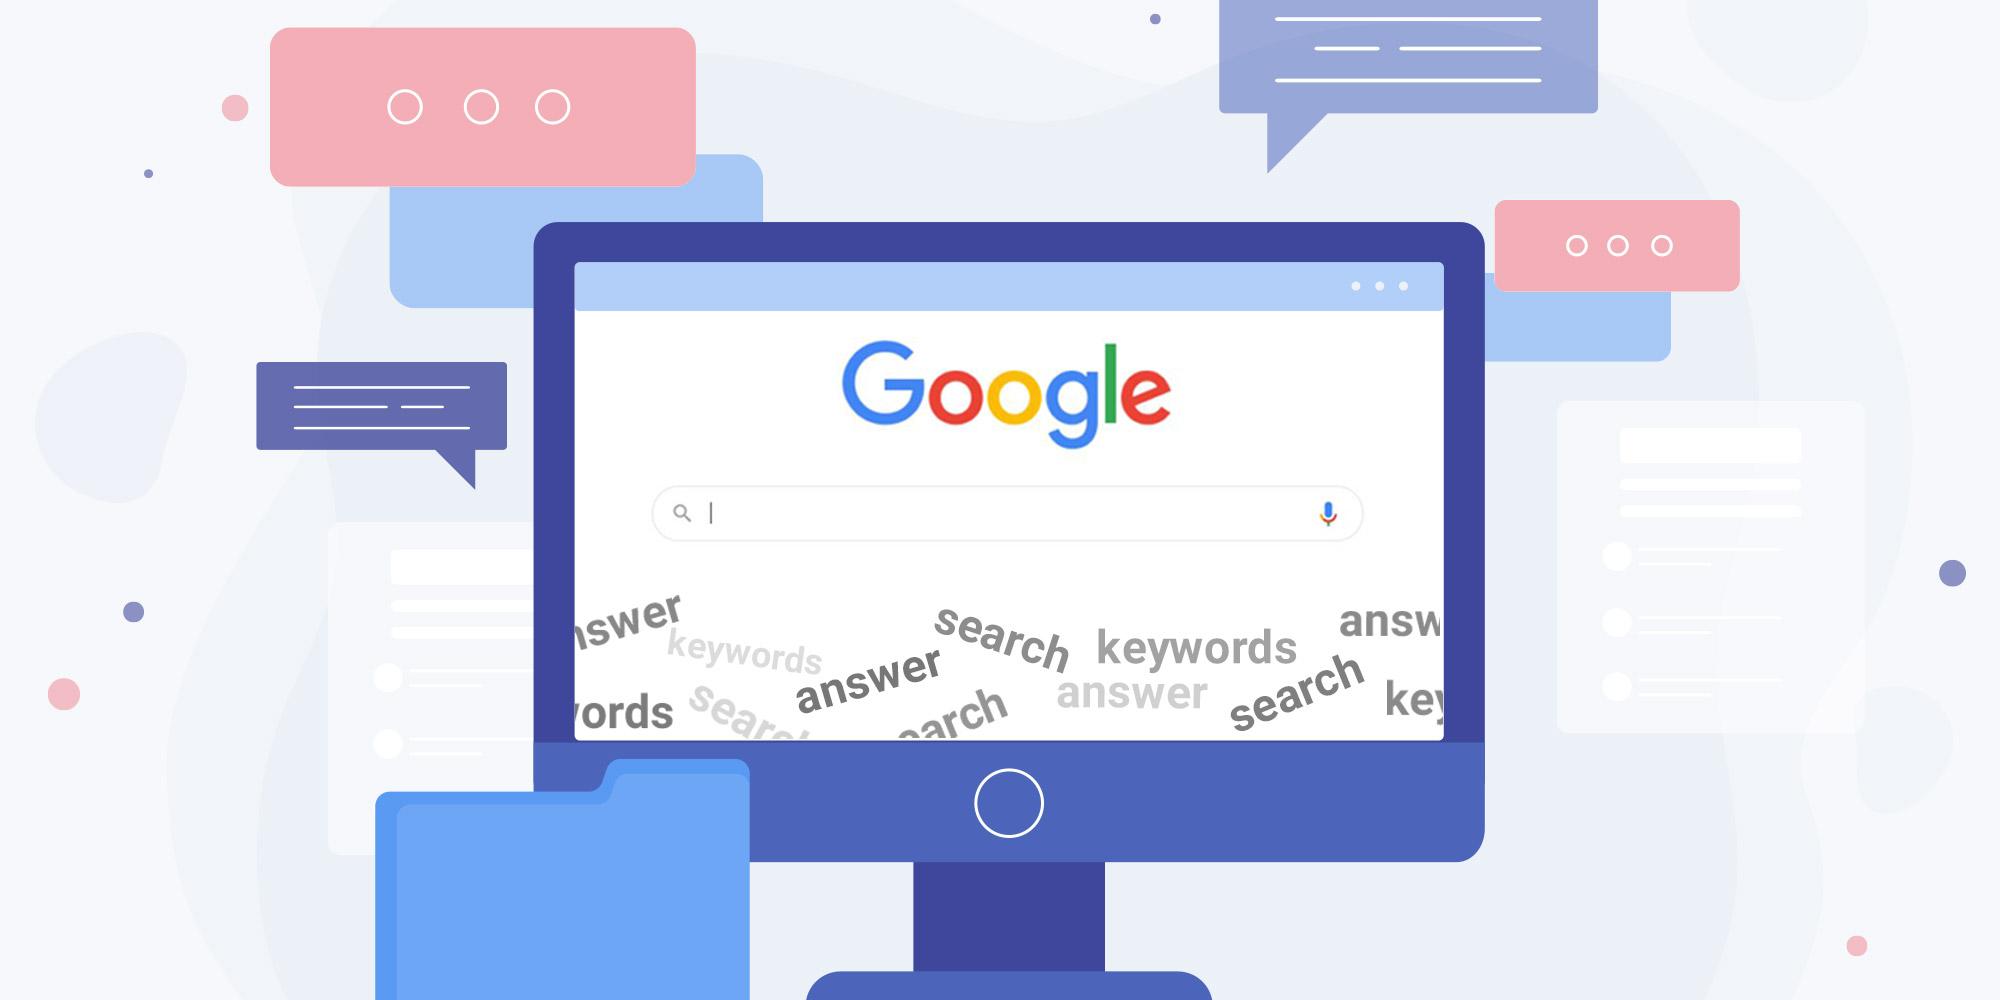 کلیدواژه های پیشنهادی گوگل